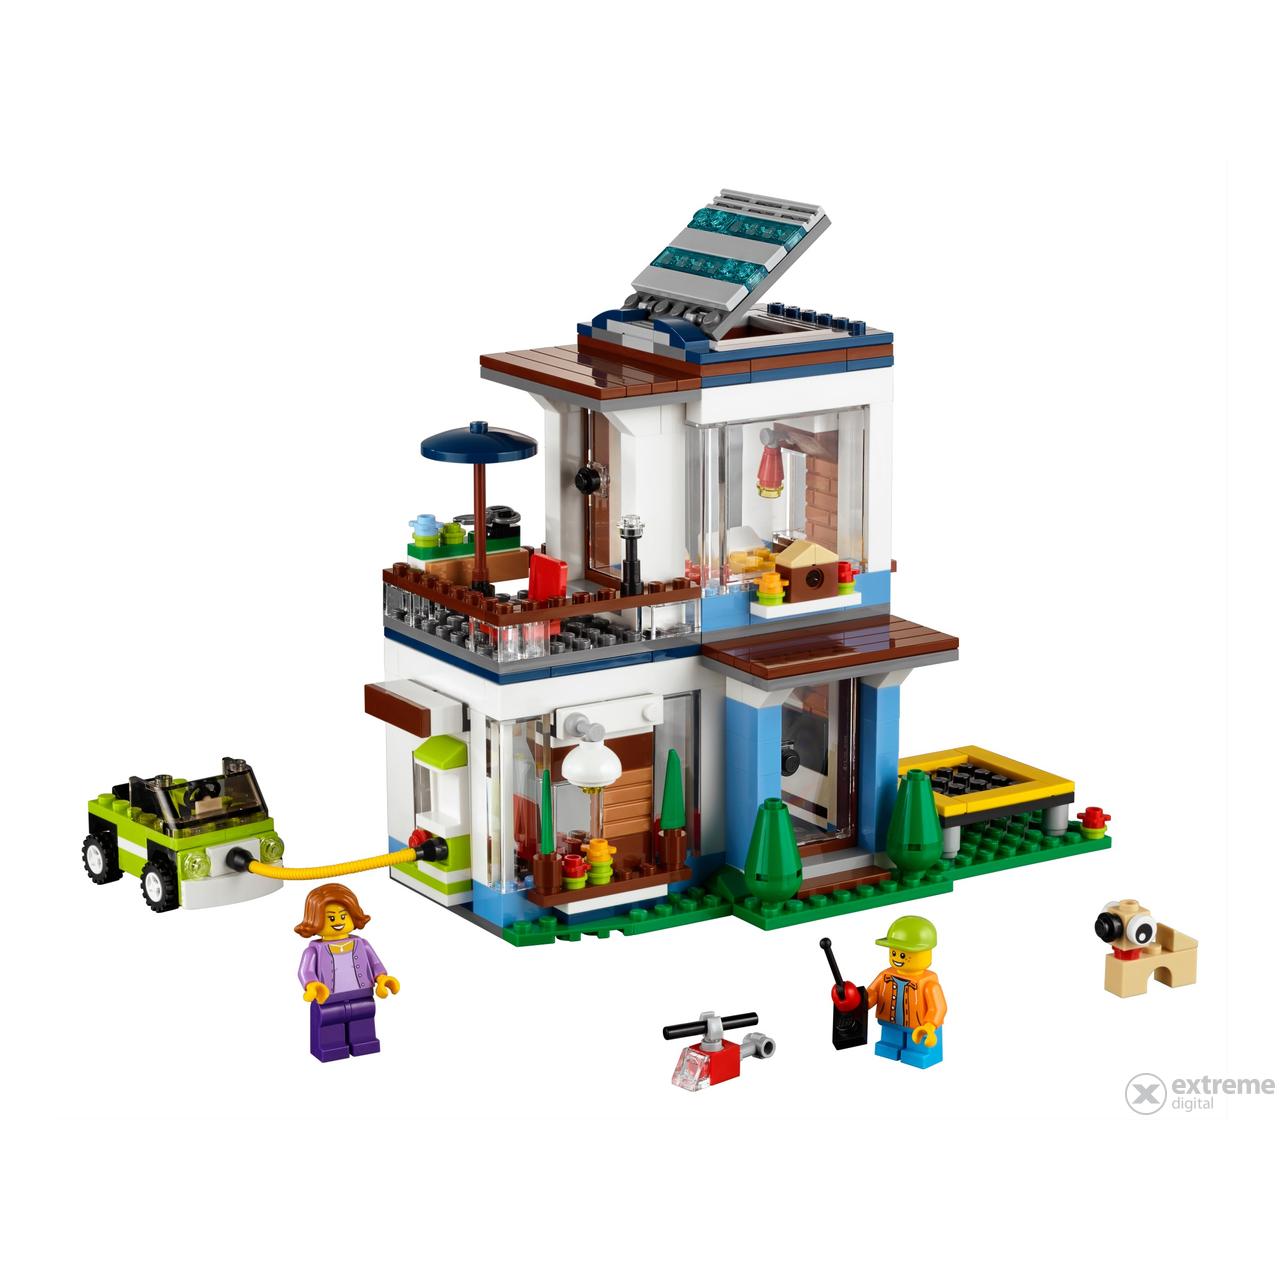 Lego creator casa moderna 31068 extreme digital for Casa moderna lego